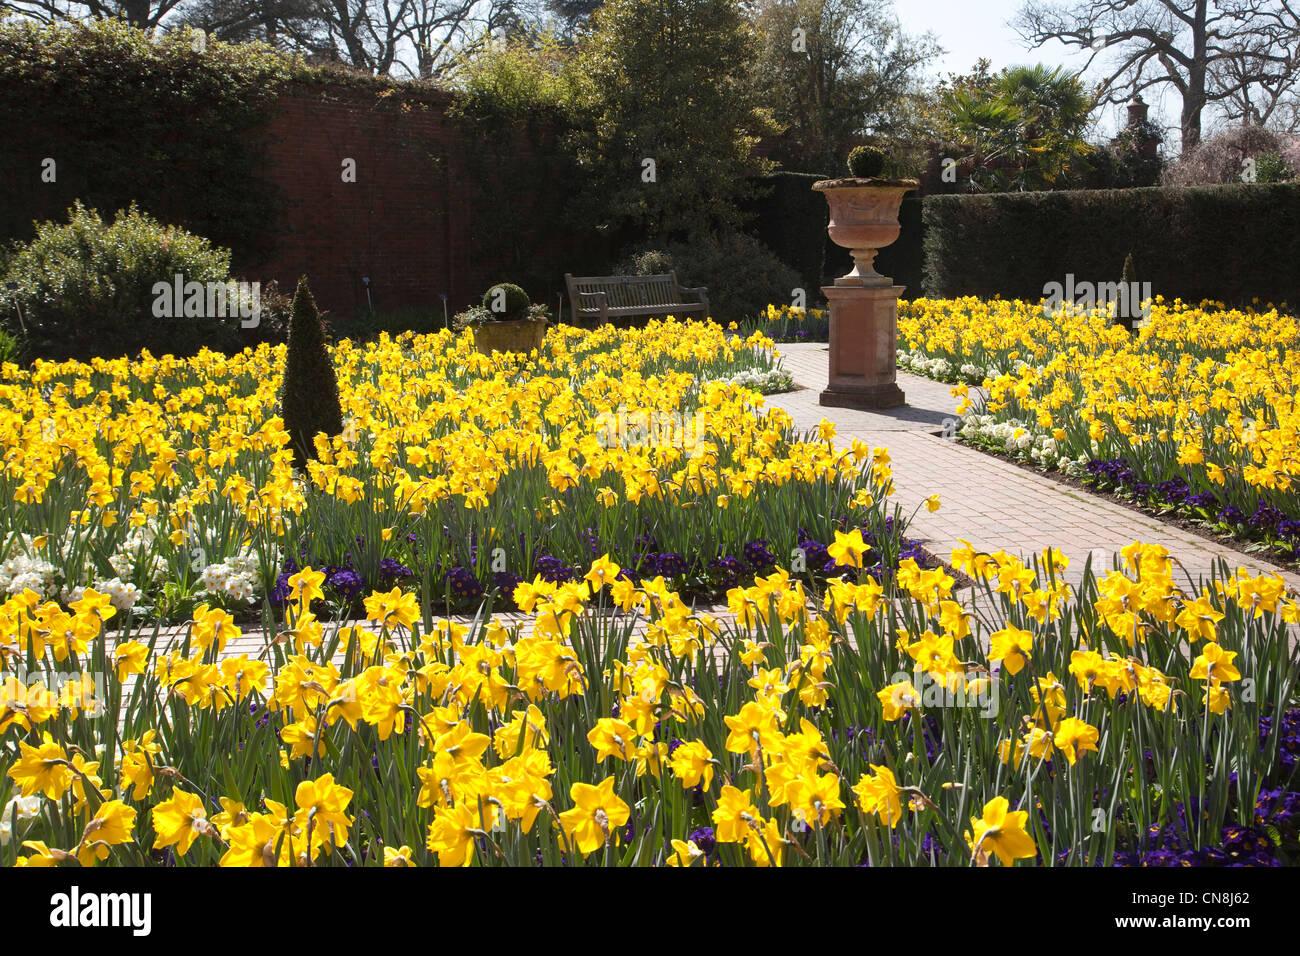 Walled Garden Stock Photos Amp Walled Garden Stock Images